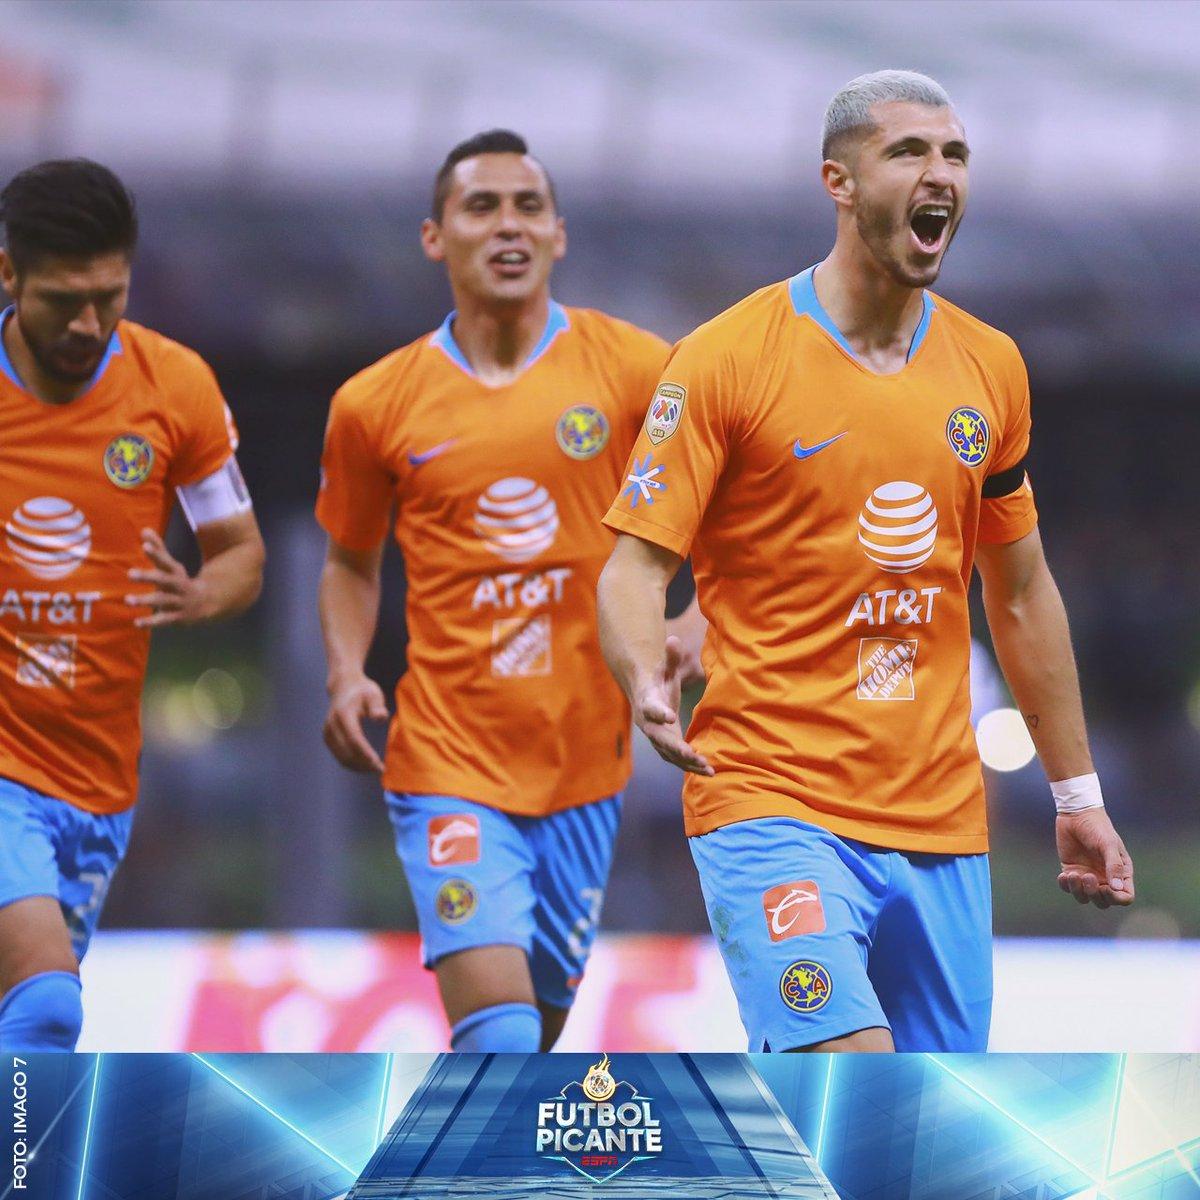 Futbol Picante's photo on El América